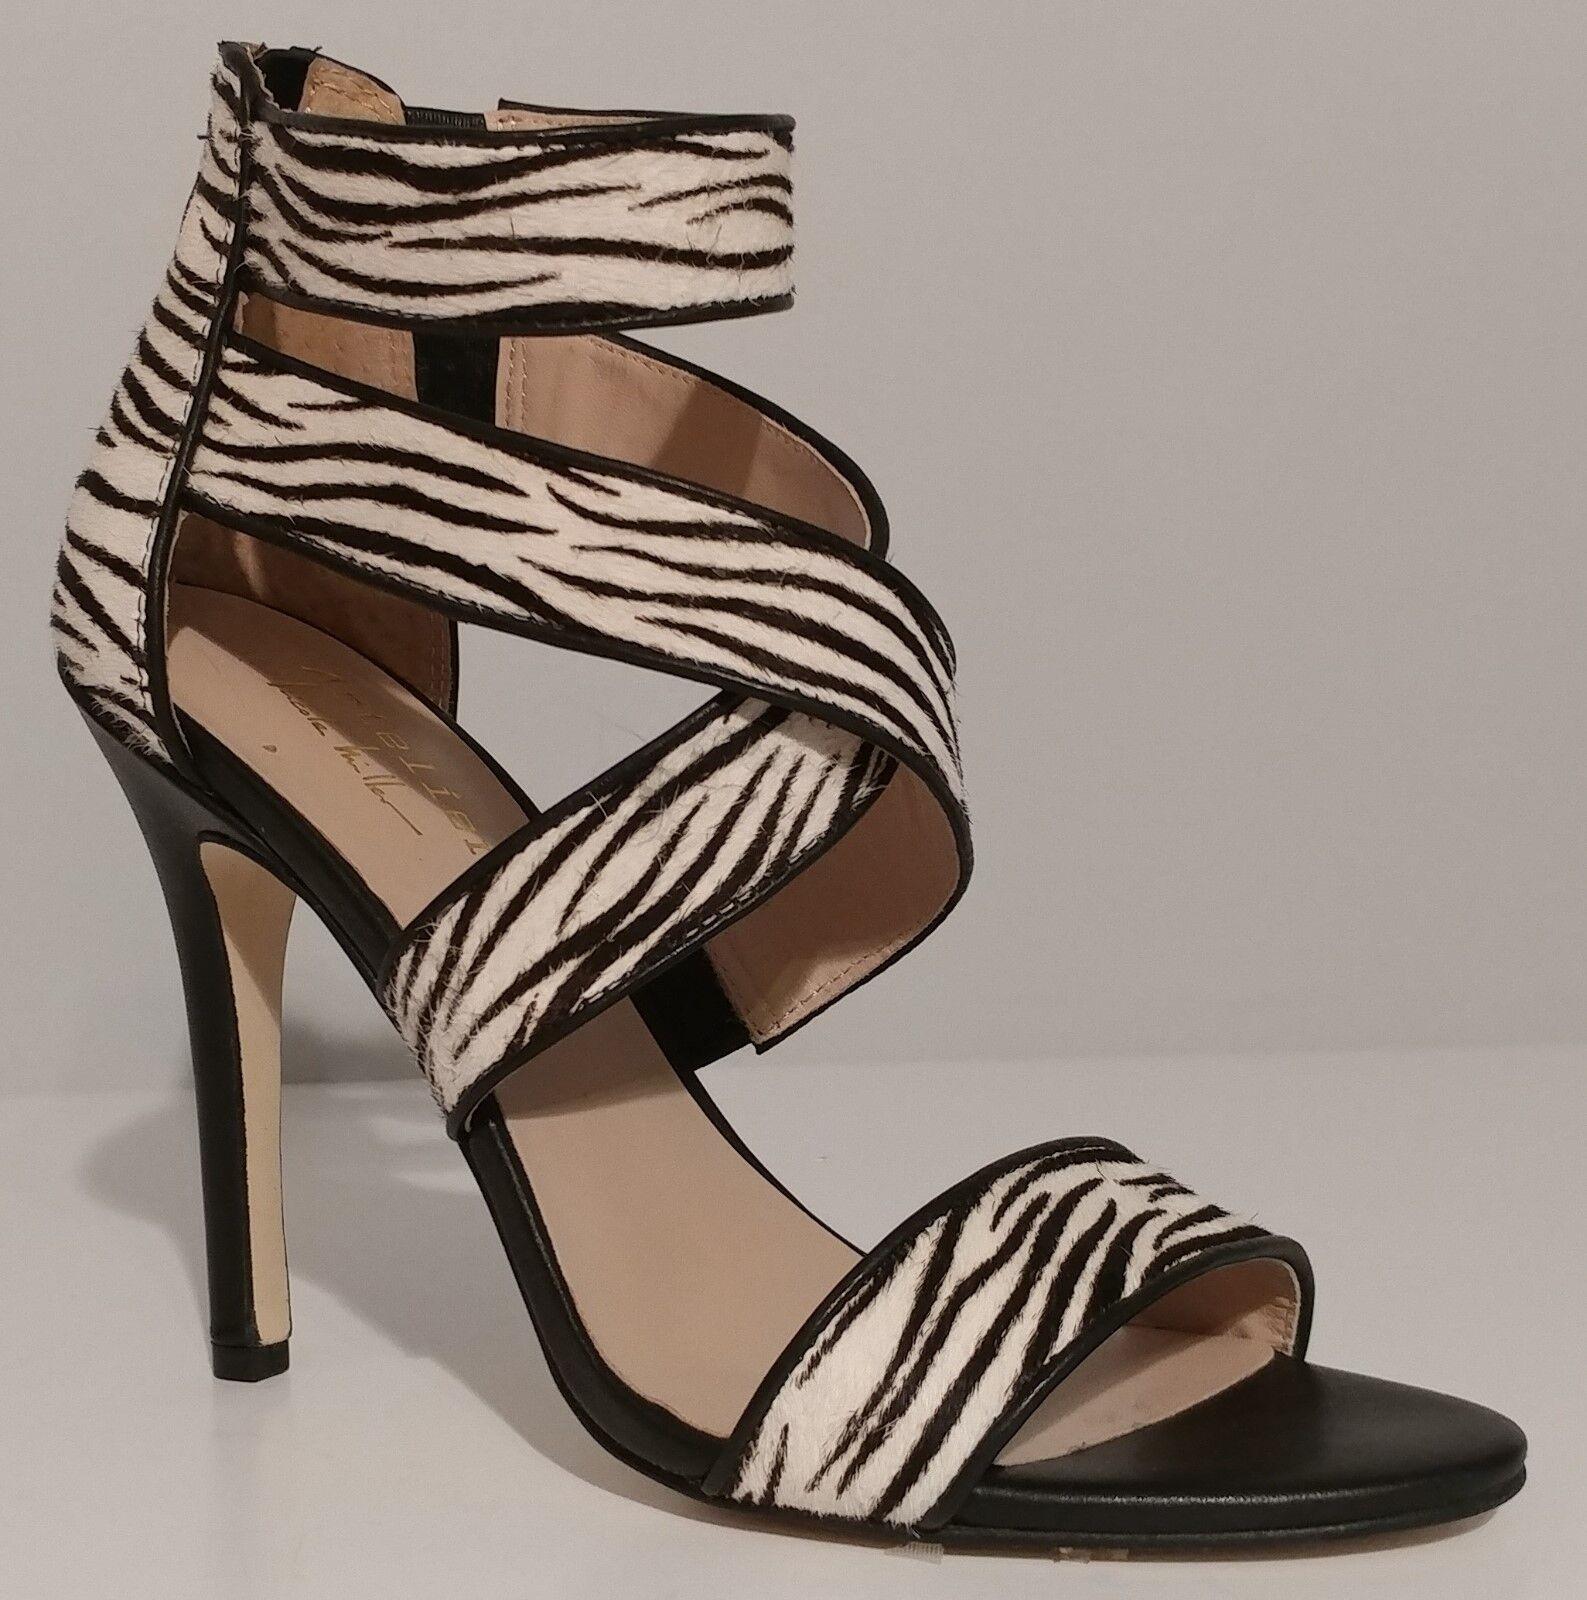 Nuevo    Nicole Miller Sandalias De Cuero Negro Negro Negro Crawford Tacones De 4.5  tamaño 7M Estados Unidos 37M EUR  n ° 1 en línea